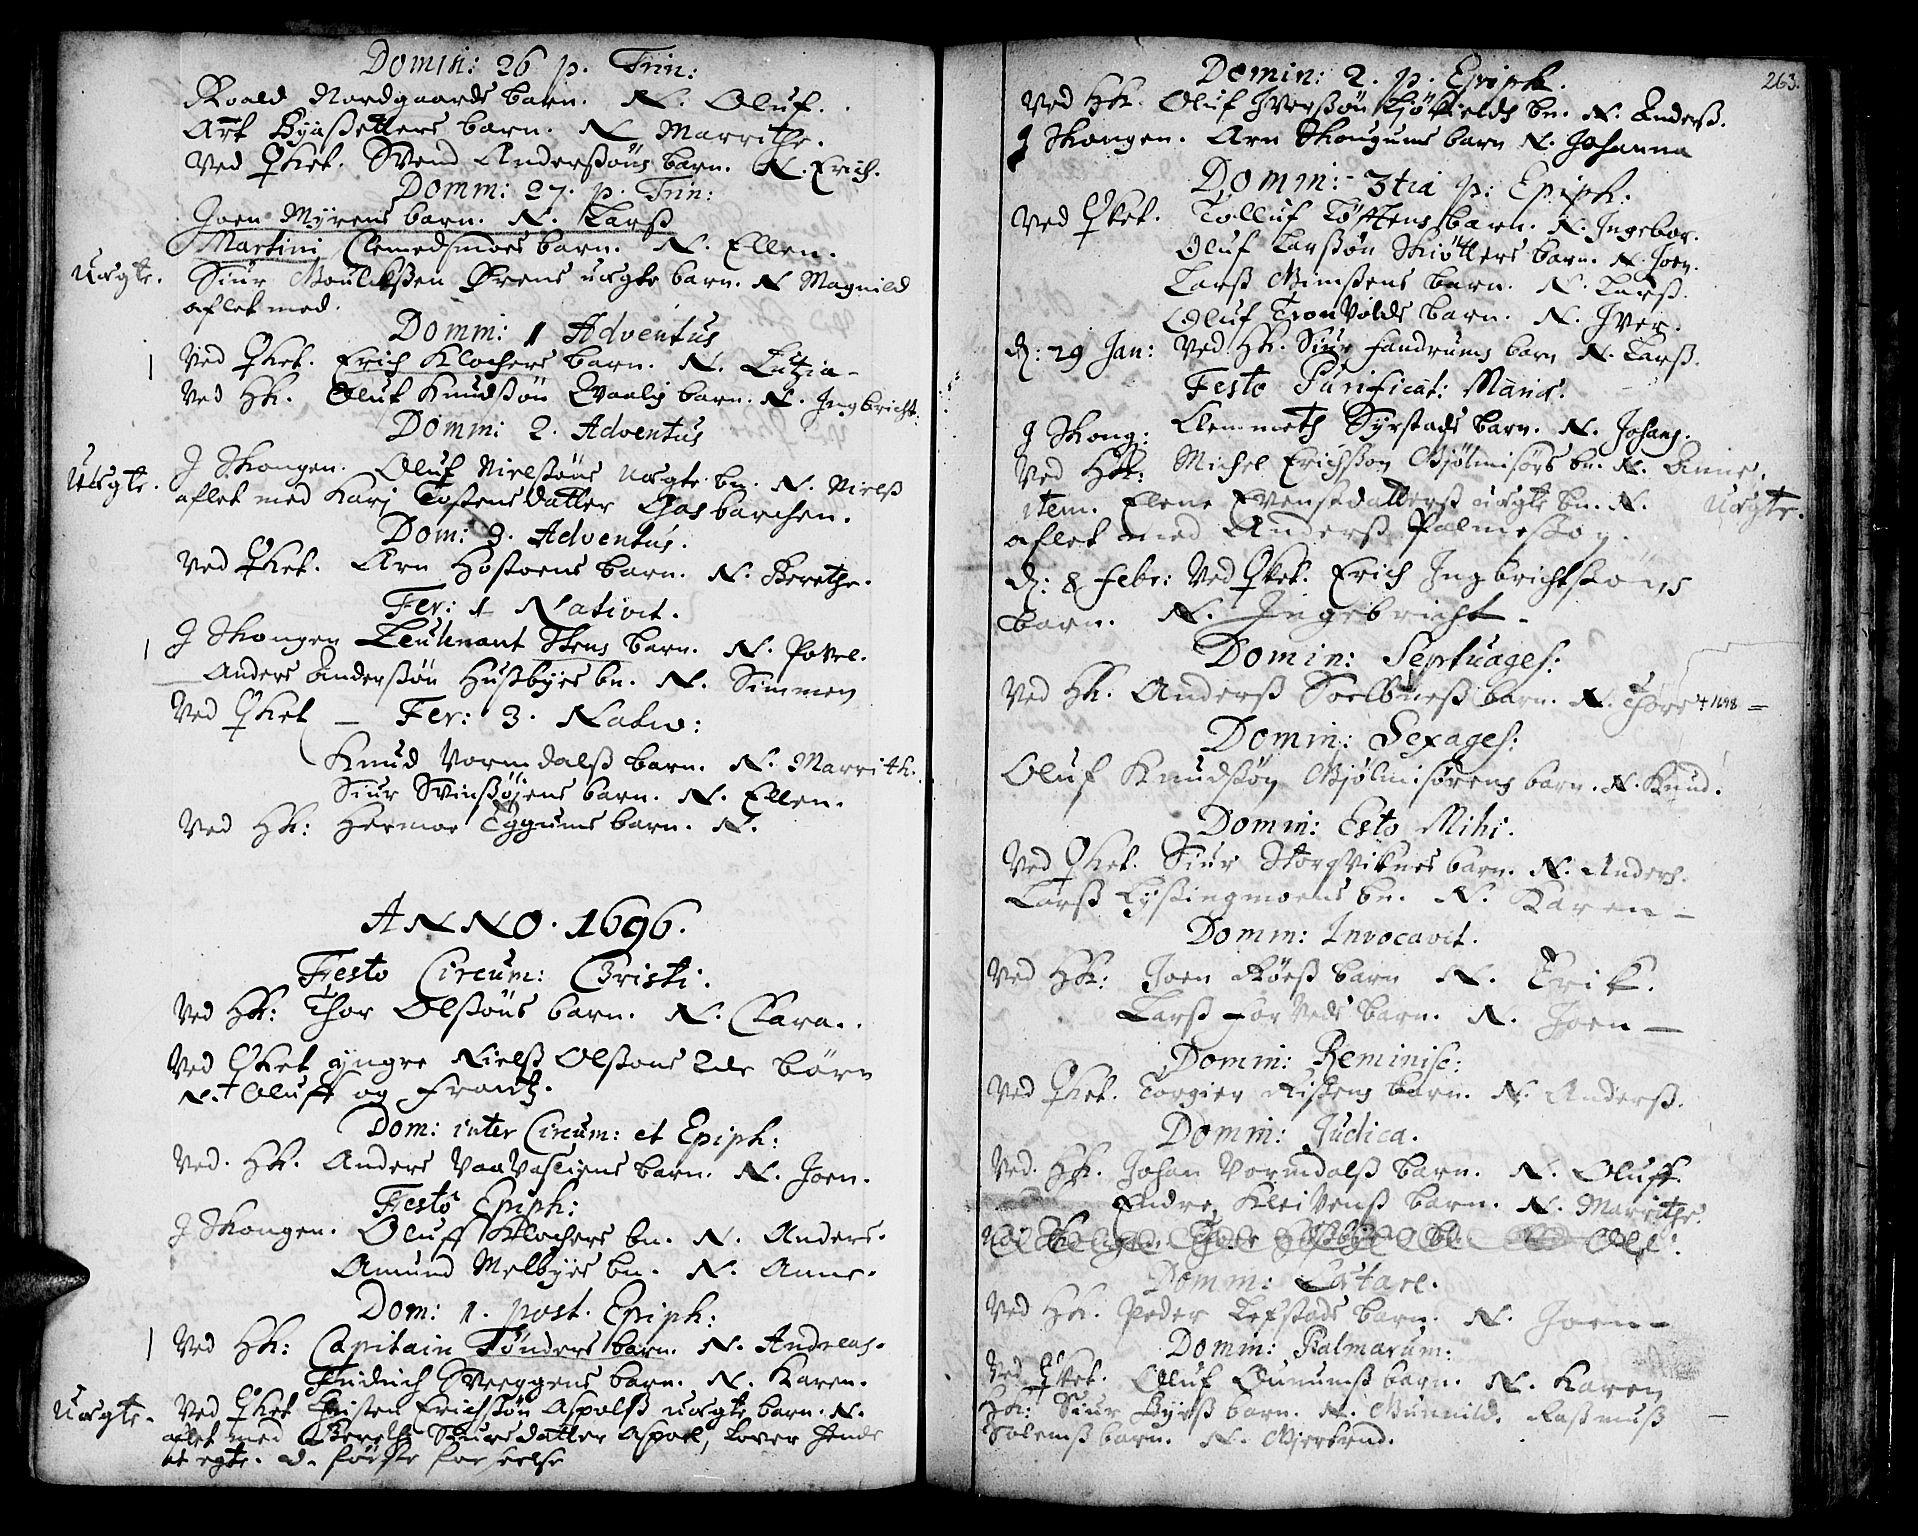 SAT, Ministerialprotokoller, klokkerbøker og fødselsregistre - Sør-Trøndelag, 668/L0801: Ministerialbok nr. 668A01, 1695-1716, s. 262-263